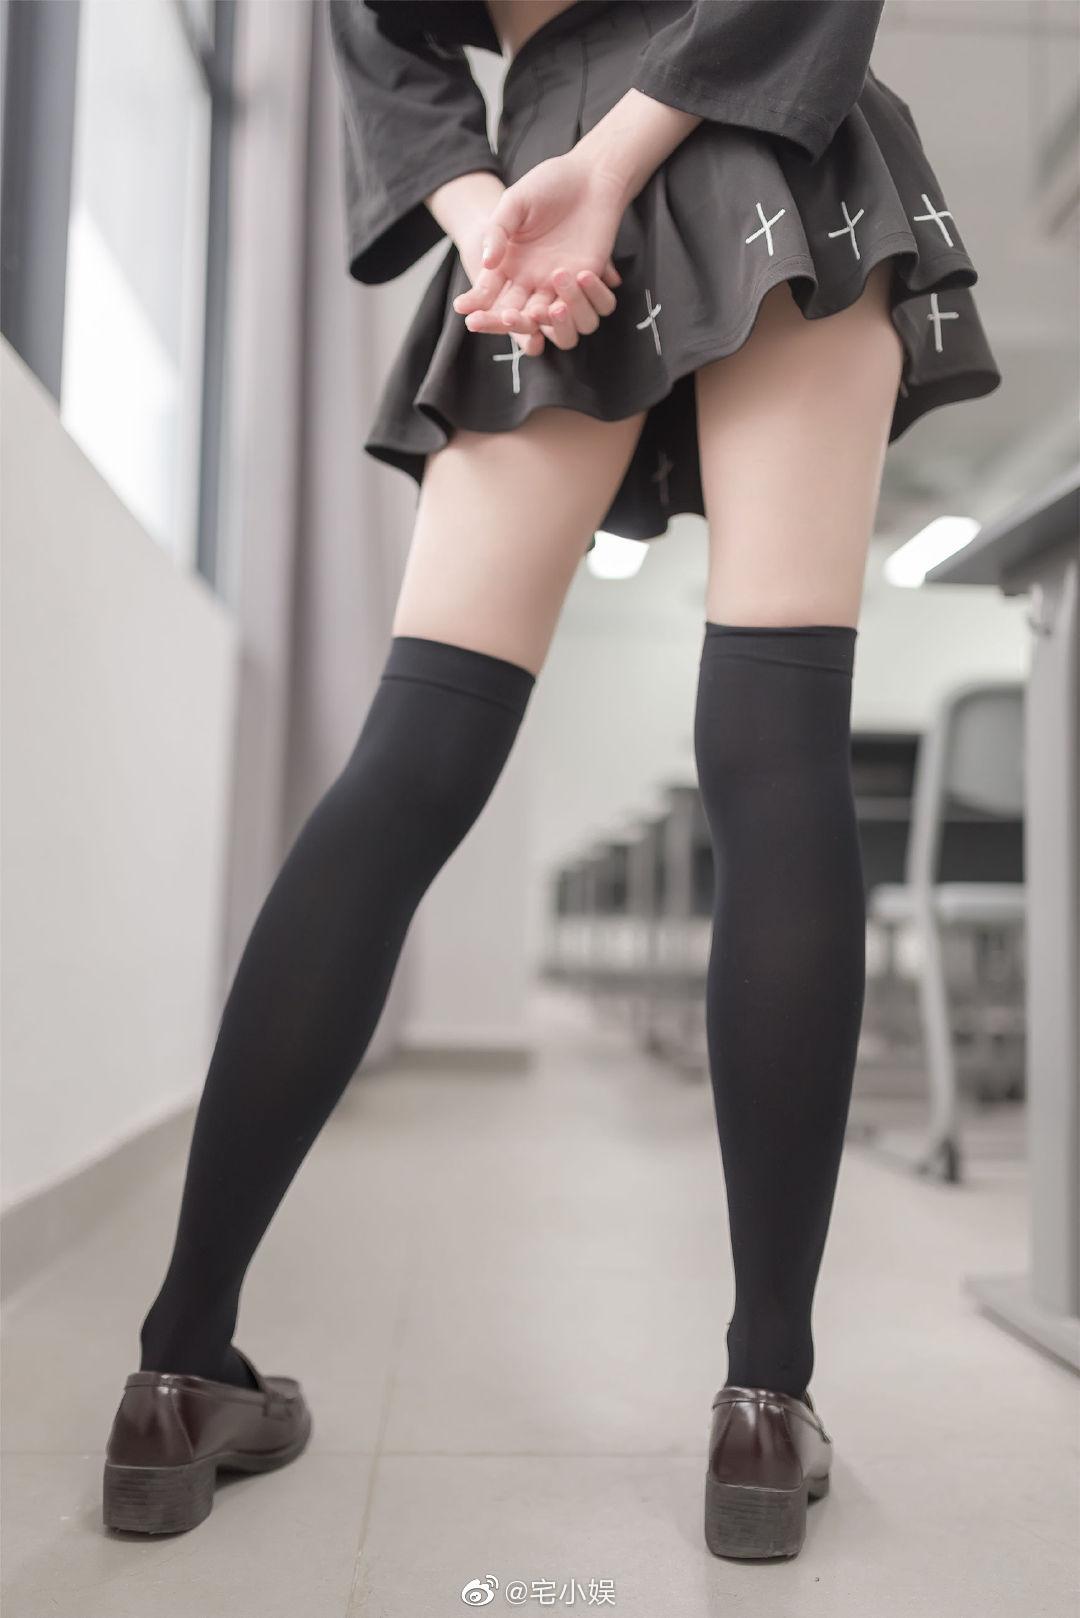 漂亮美女图片段子:深田咏美&桥本环奈 热门段子 热图17